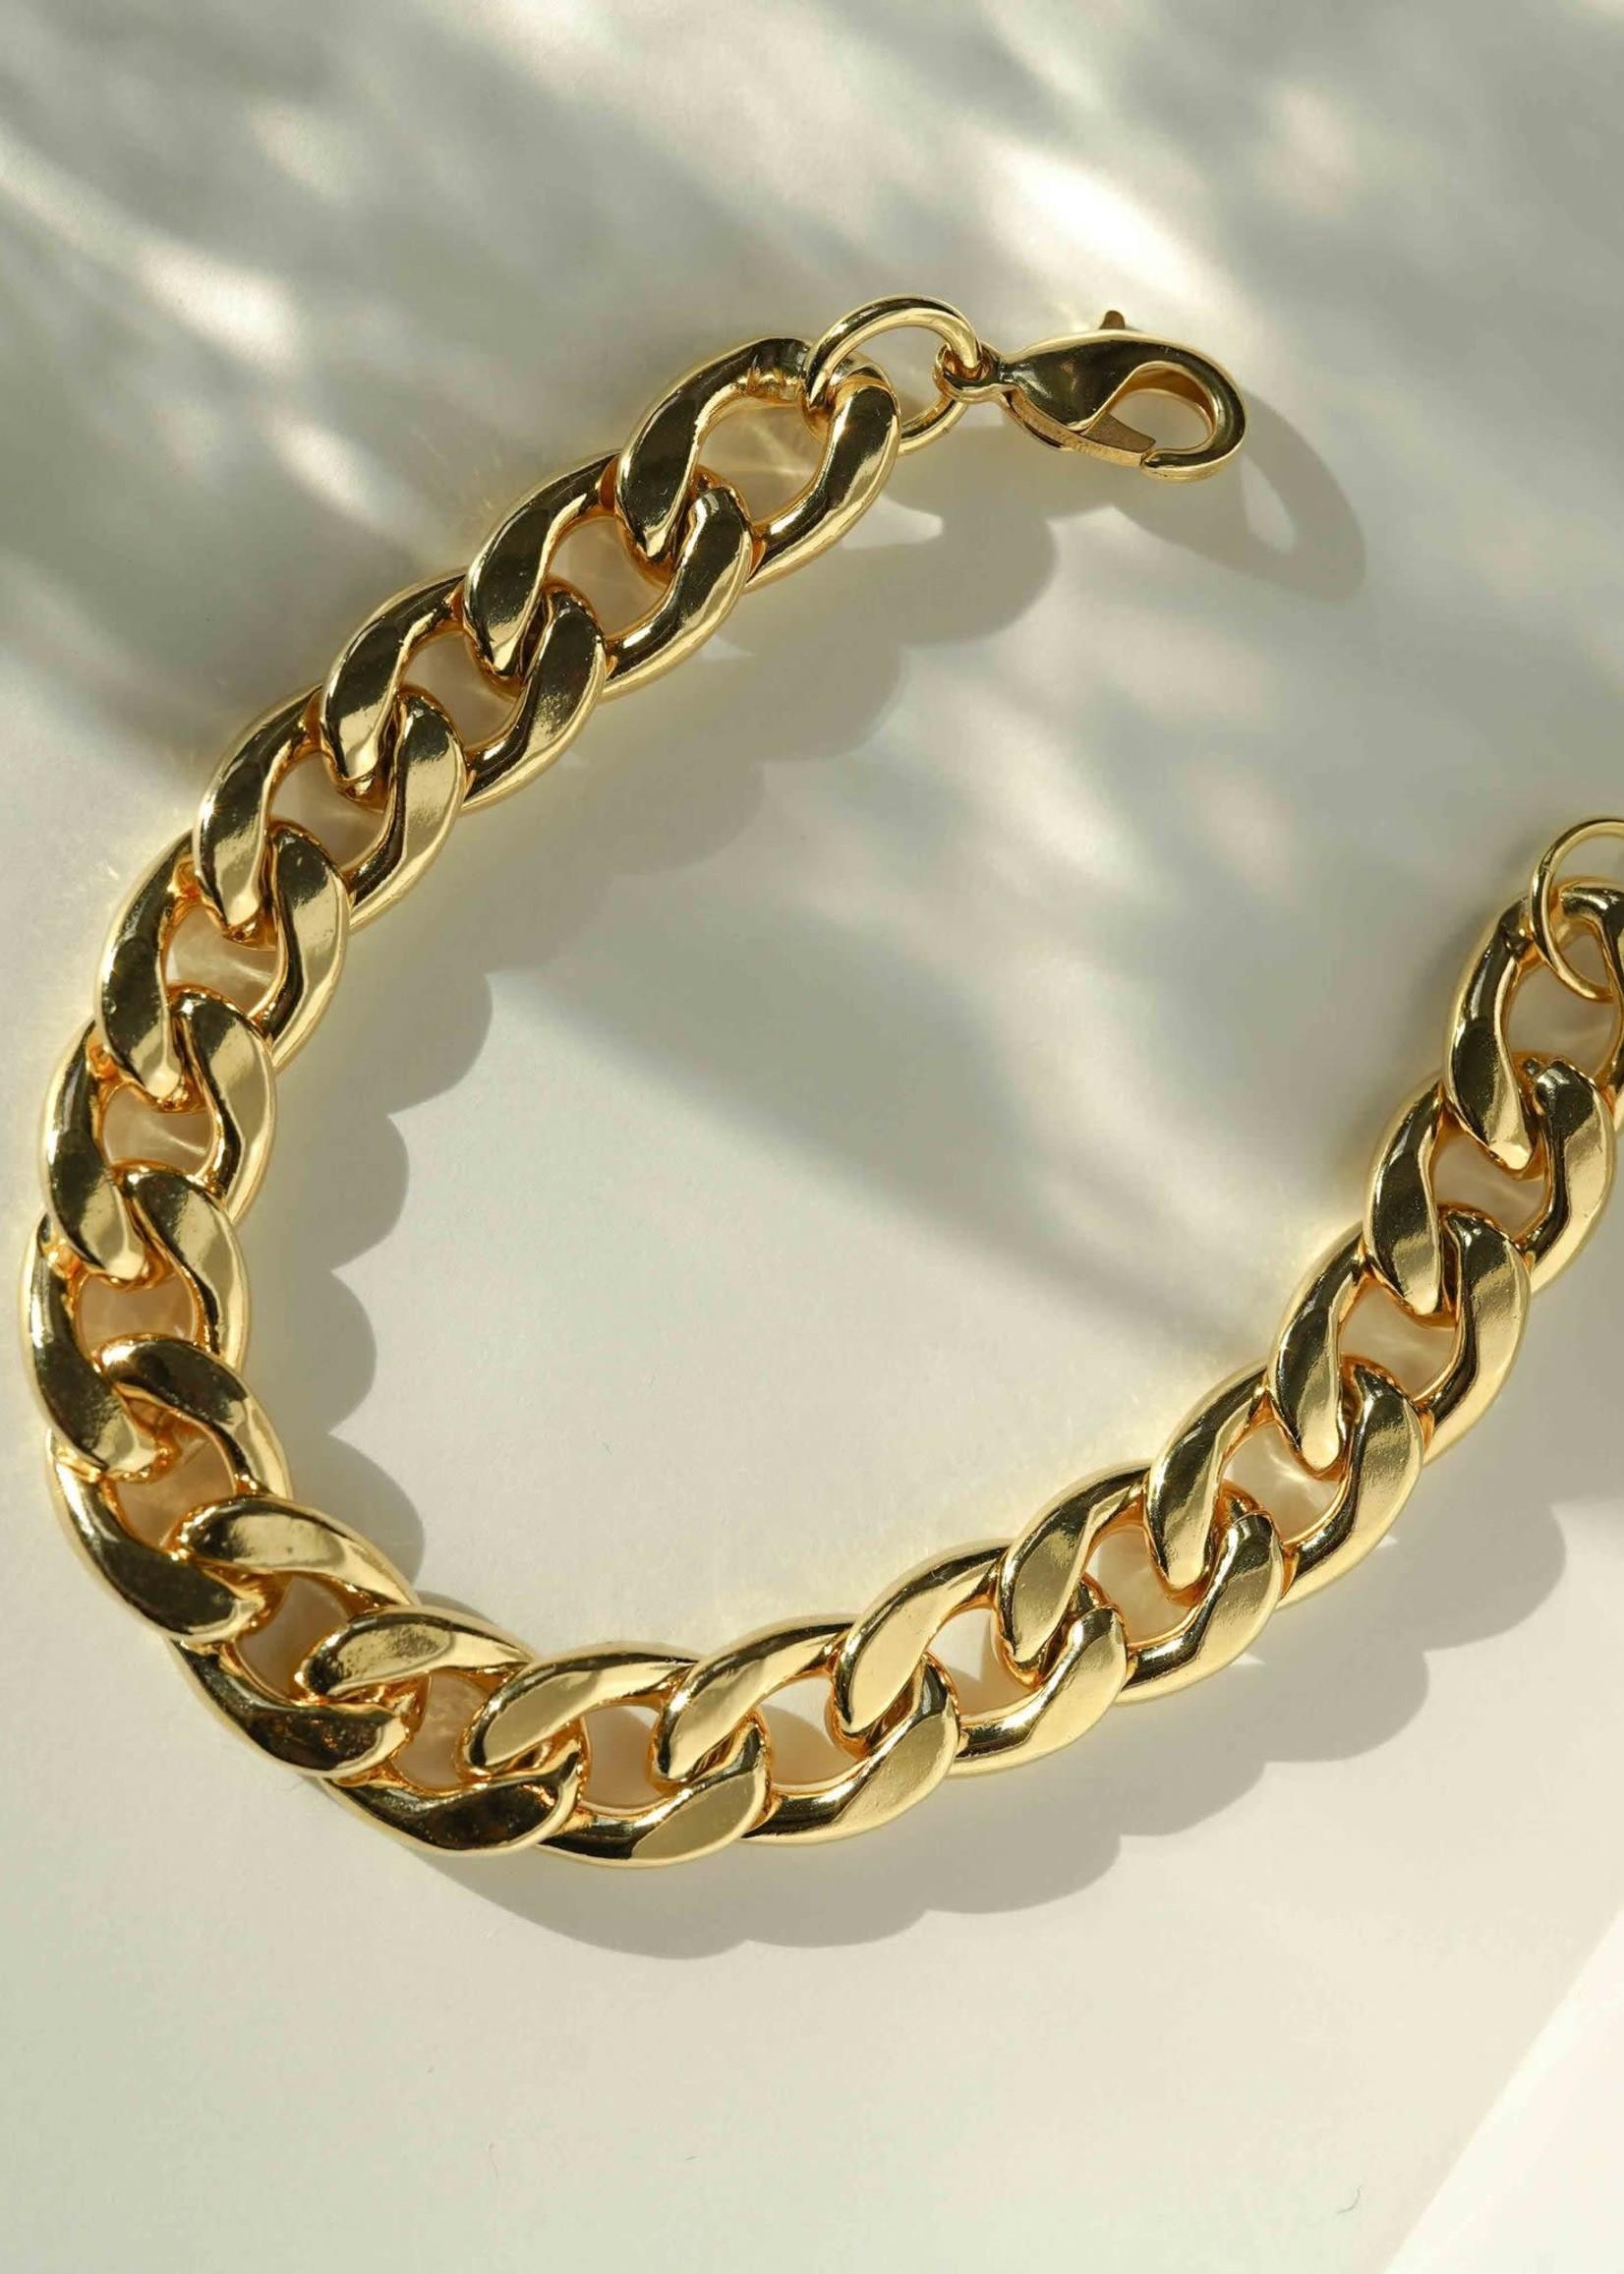 Lux Bracelet 14k Gold-Filled